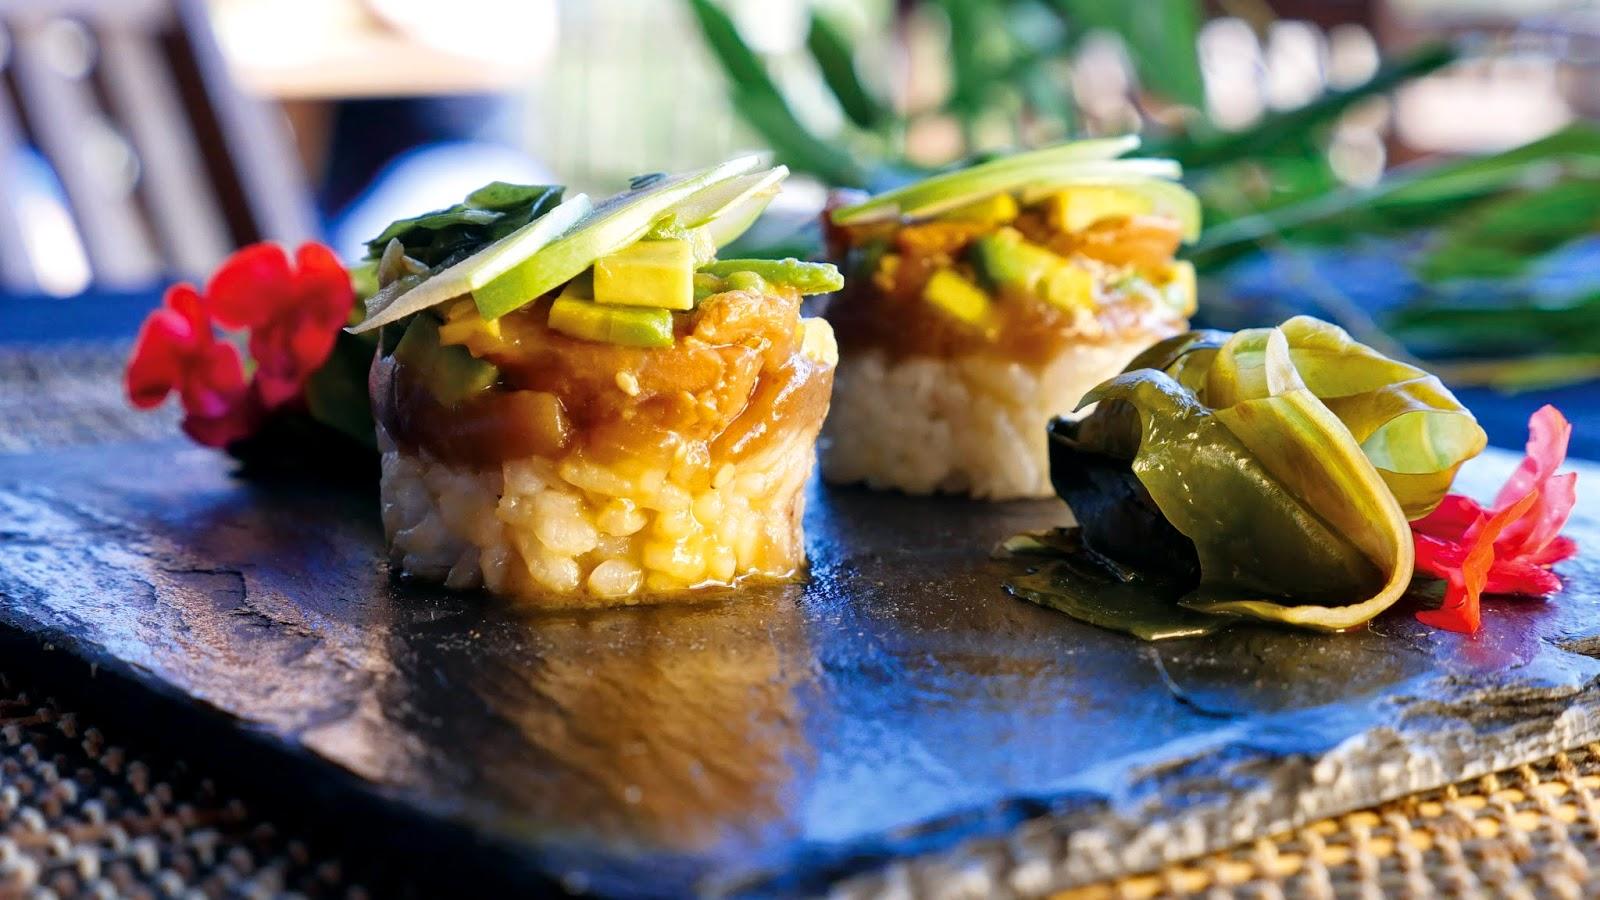 Tartar xaponés con prebe de castaña. Termas Chavasqueira, Sabores de Ourense